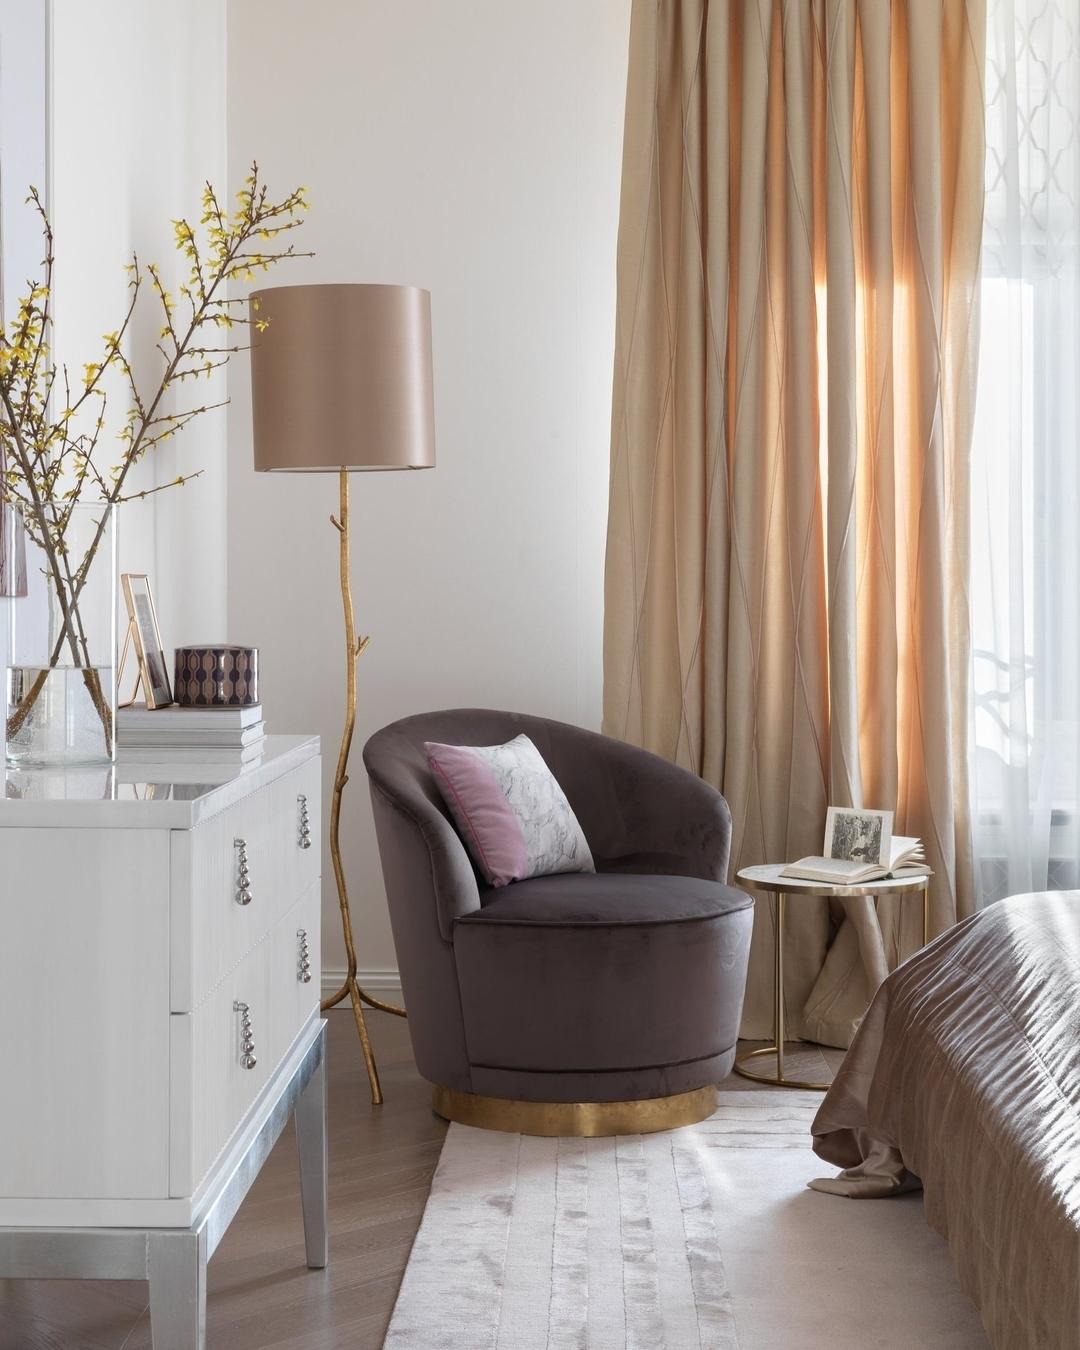 Кресло V007 в авторском дизайне от Марии Поклонцевой